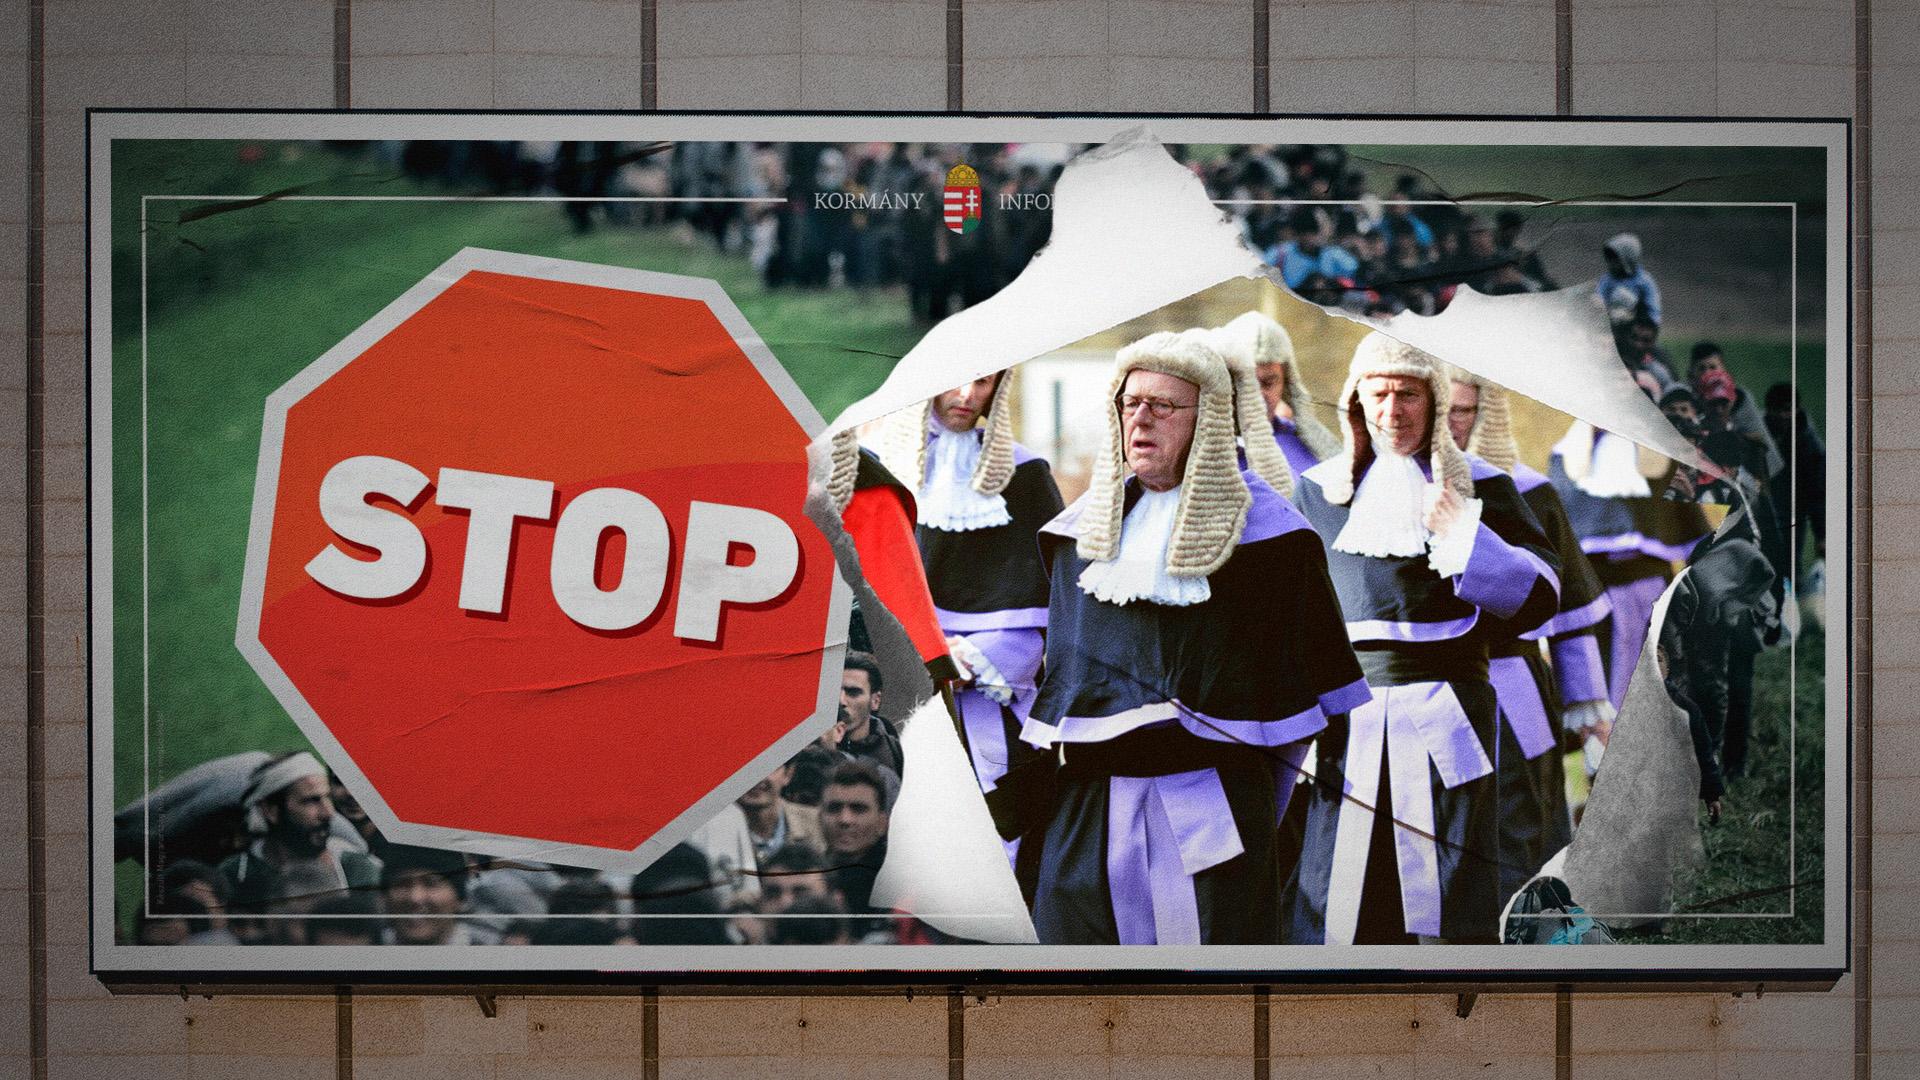 Az autokrácia trükkje: az emberek igazságérzete nevében nekimenni a bíróságoknak